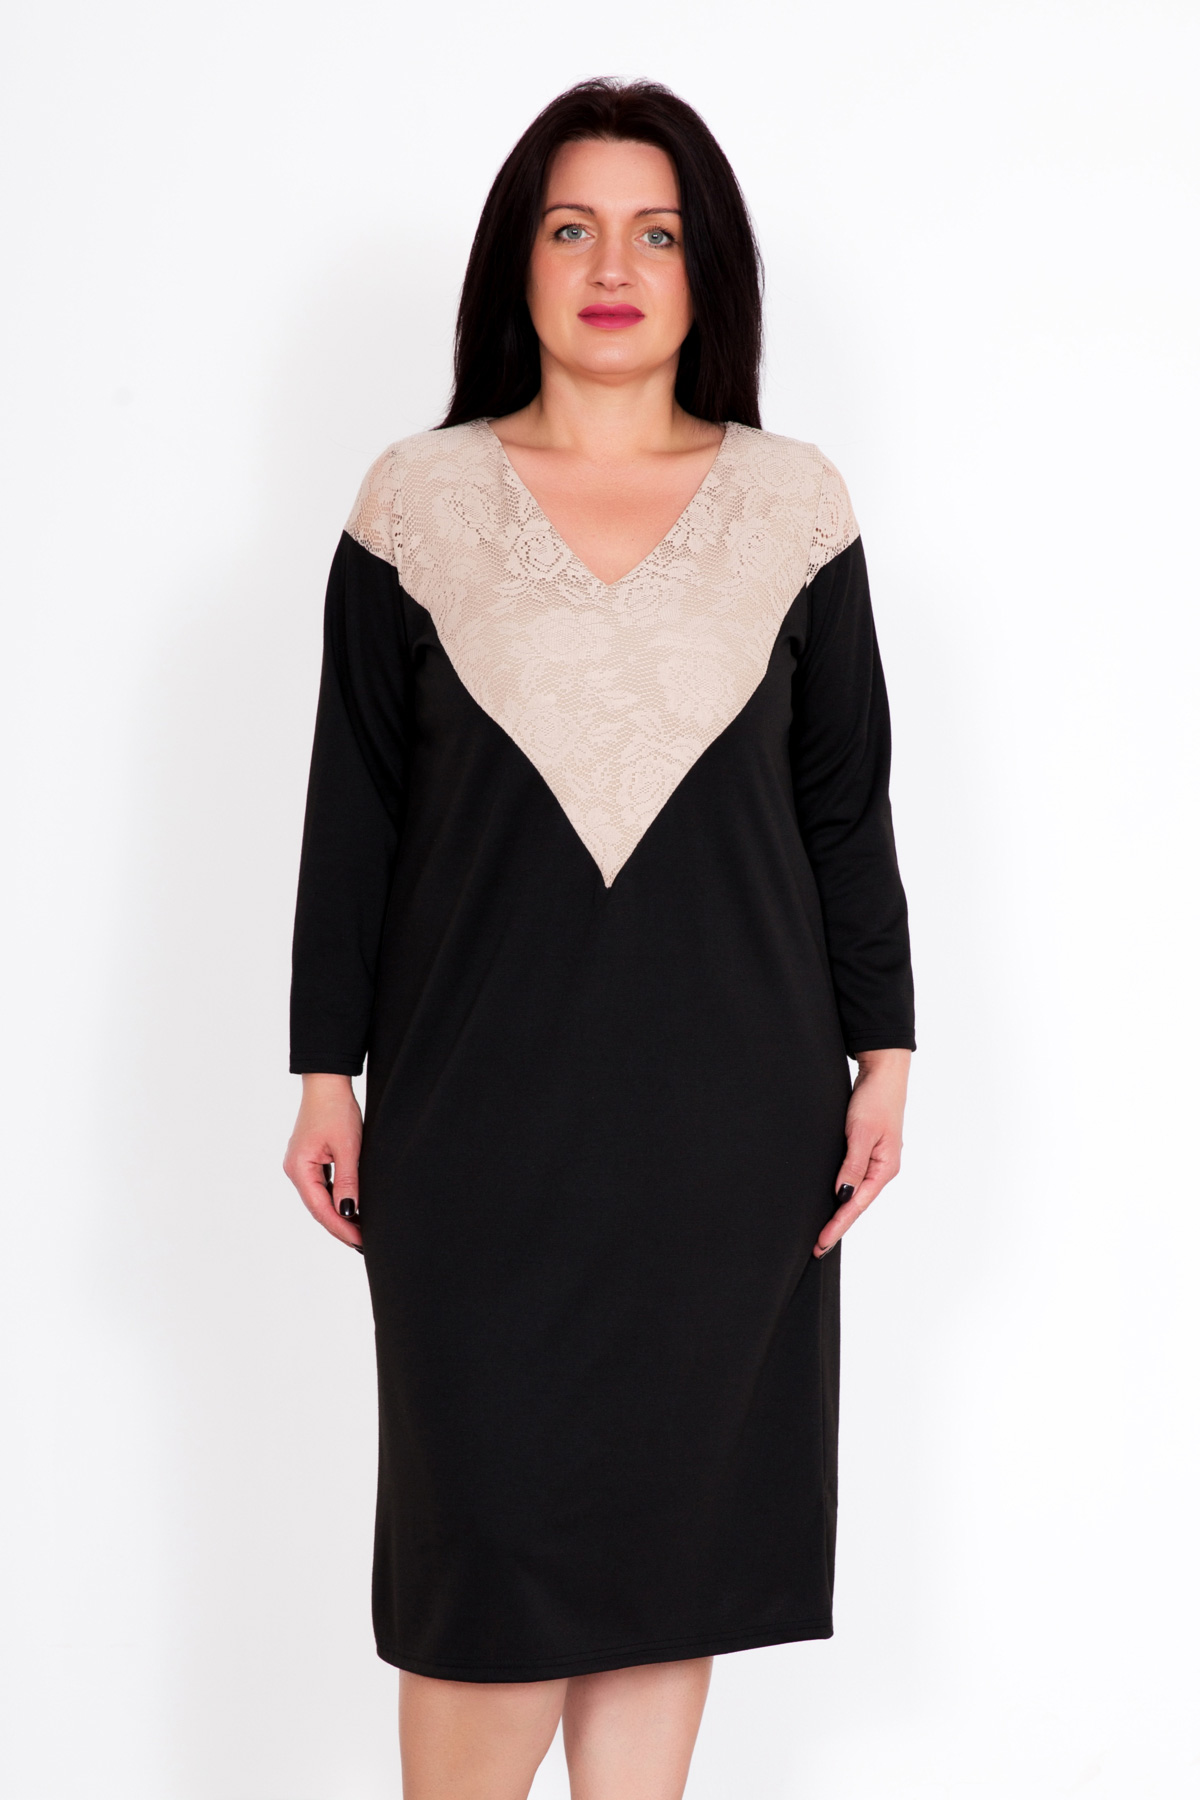 Жен. платье Мона р. 58Распродажа женской одежды<br>Обхват груди: 116 см <br>Обхват талии: 97 см <br>Обхват бедер: 124 см <br>Длина по спинке: 105 см <br>Рост: 167 см<br><br>Тип: Жен. платье<br>Размер: 58<br>Материал: Милано